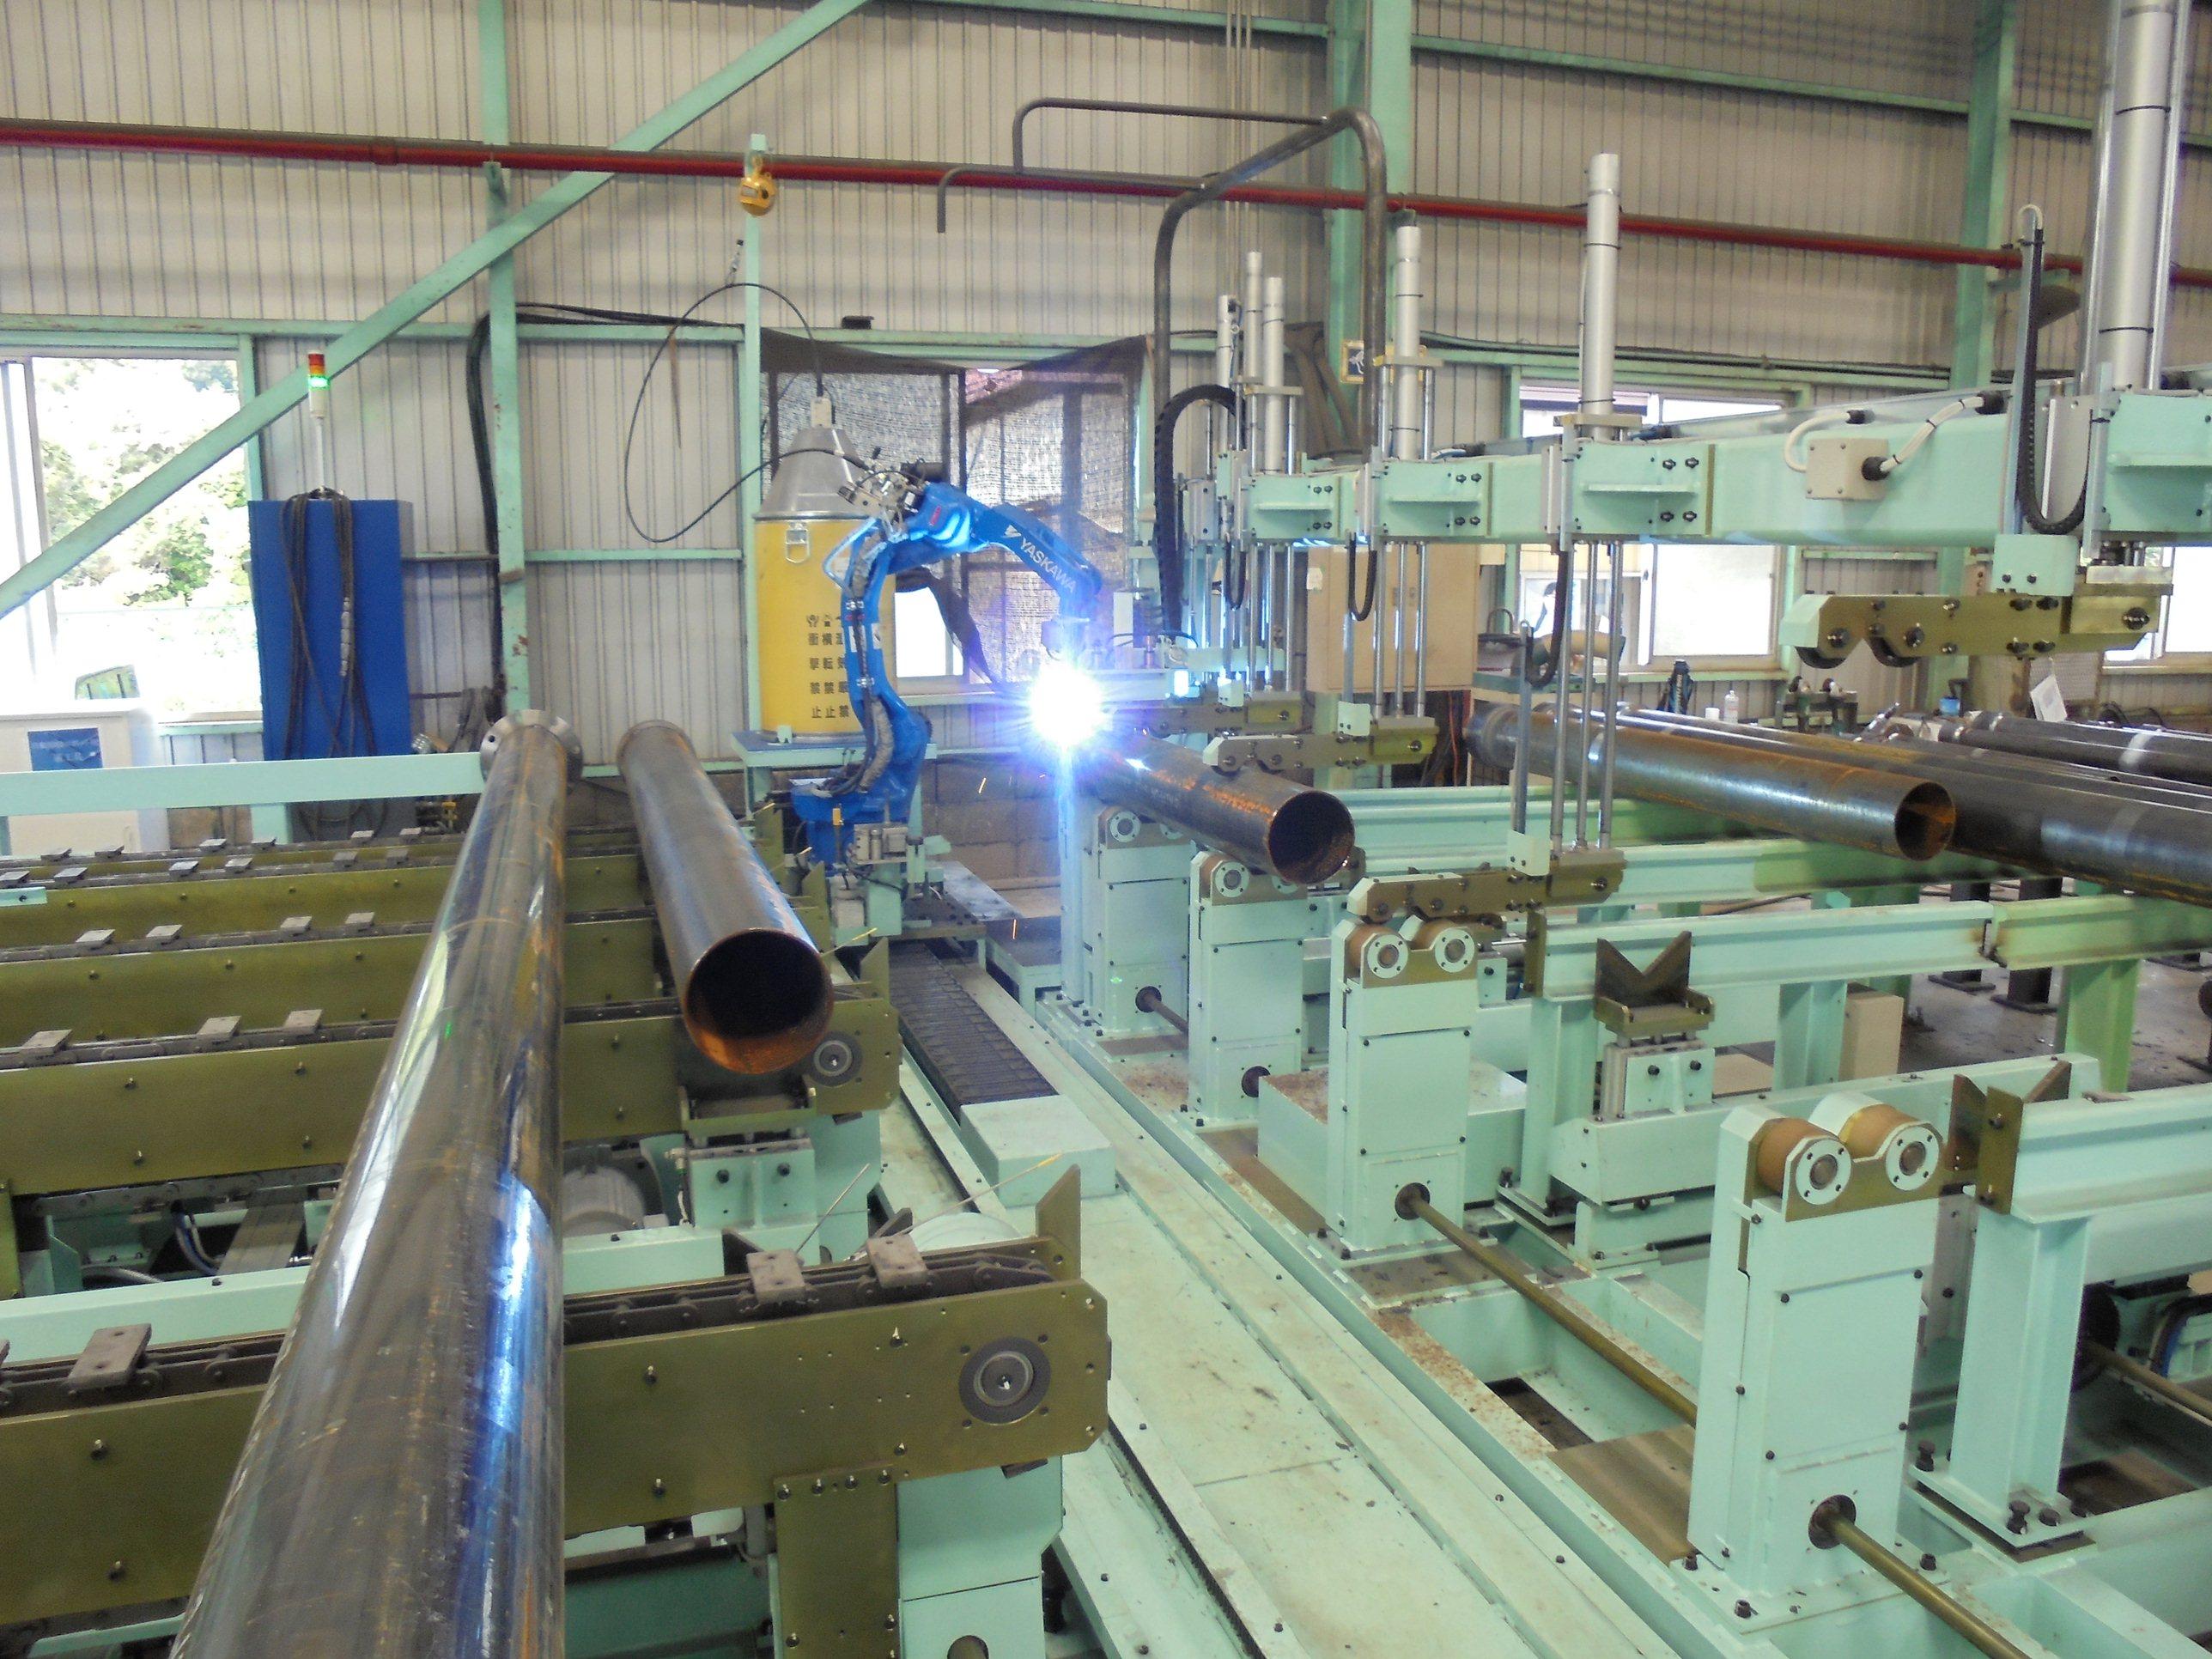 パイプ直管自動溶接機を導入 生産性の大幅アップと溶接品質の向上・安定化を実現